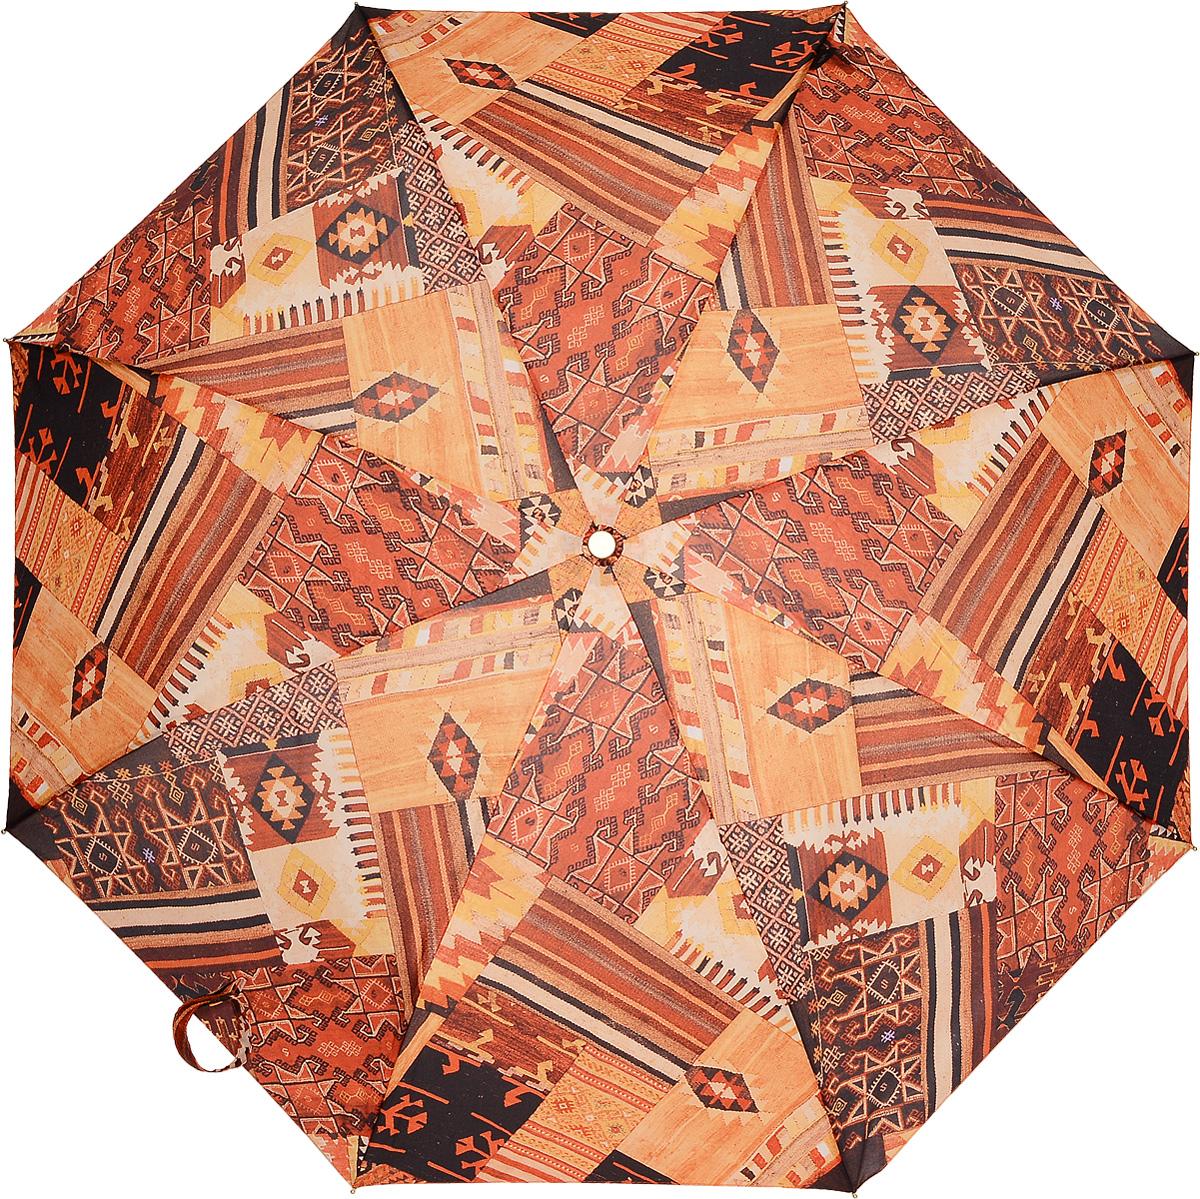 M&P 5867-2 Зонт полный автом. 3 сл. жен.8L035081M/35449/2900NЗонт испанского производителя Clima. В производстве зонтов используются современные материалы, что делает зонты легкими, но в то же время крепкими.Полный автомат, 3 сложения, 7 спиц, полиэстер.